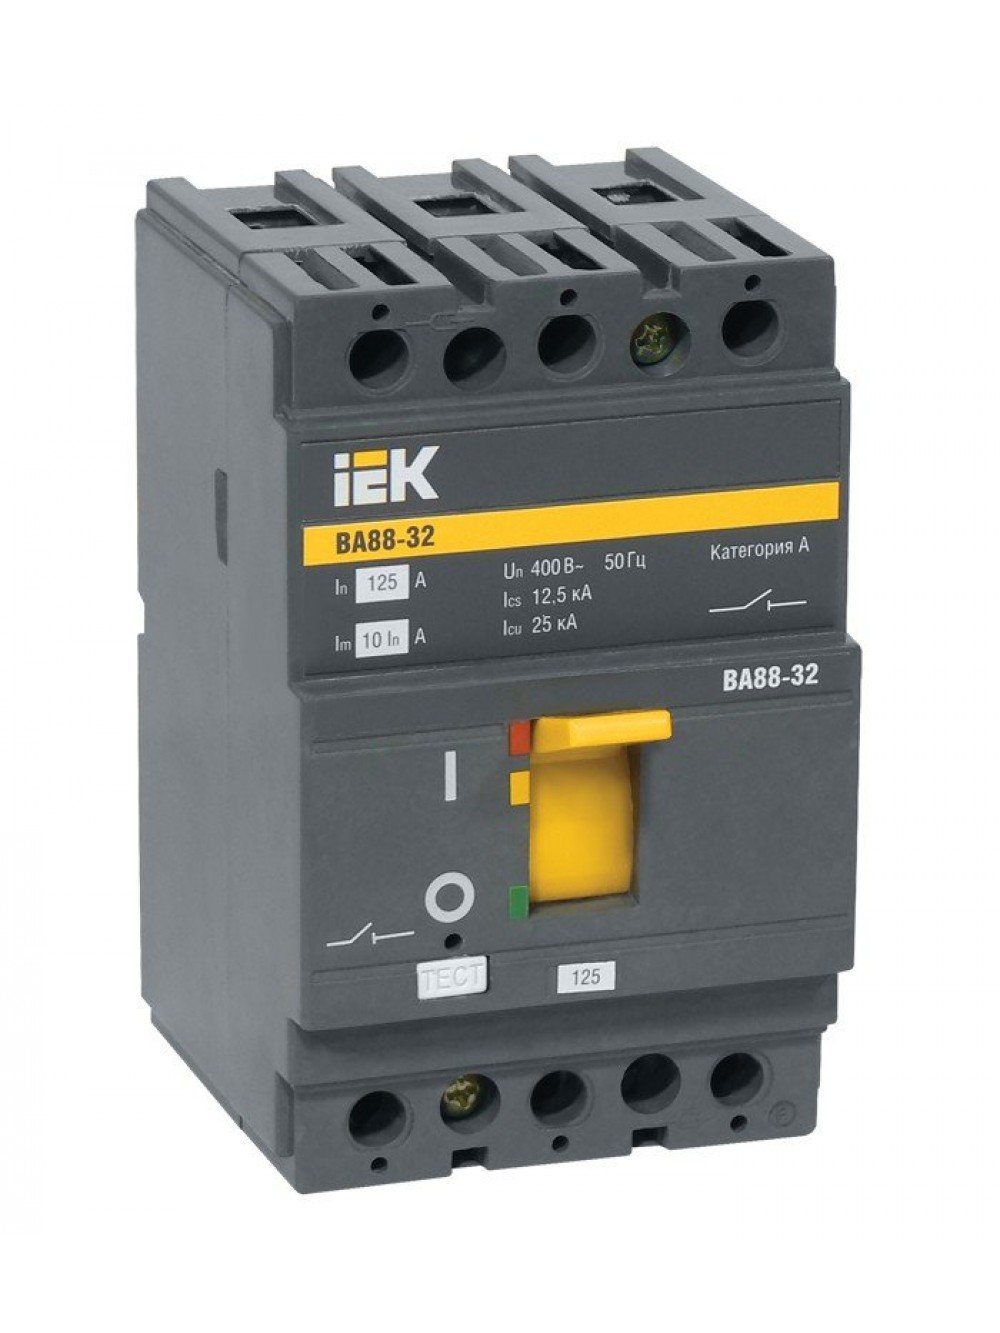 Выключатели автоматические 3п 16-100А ВА 88-32 ИЭК